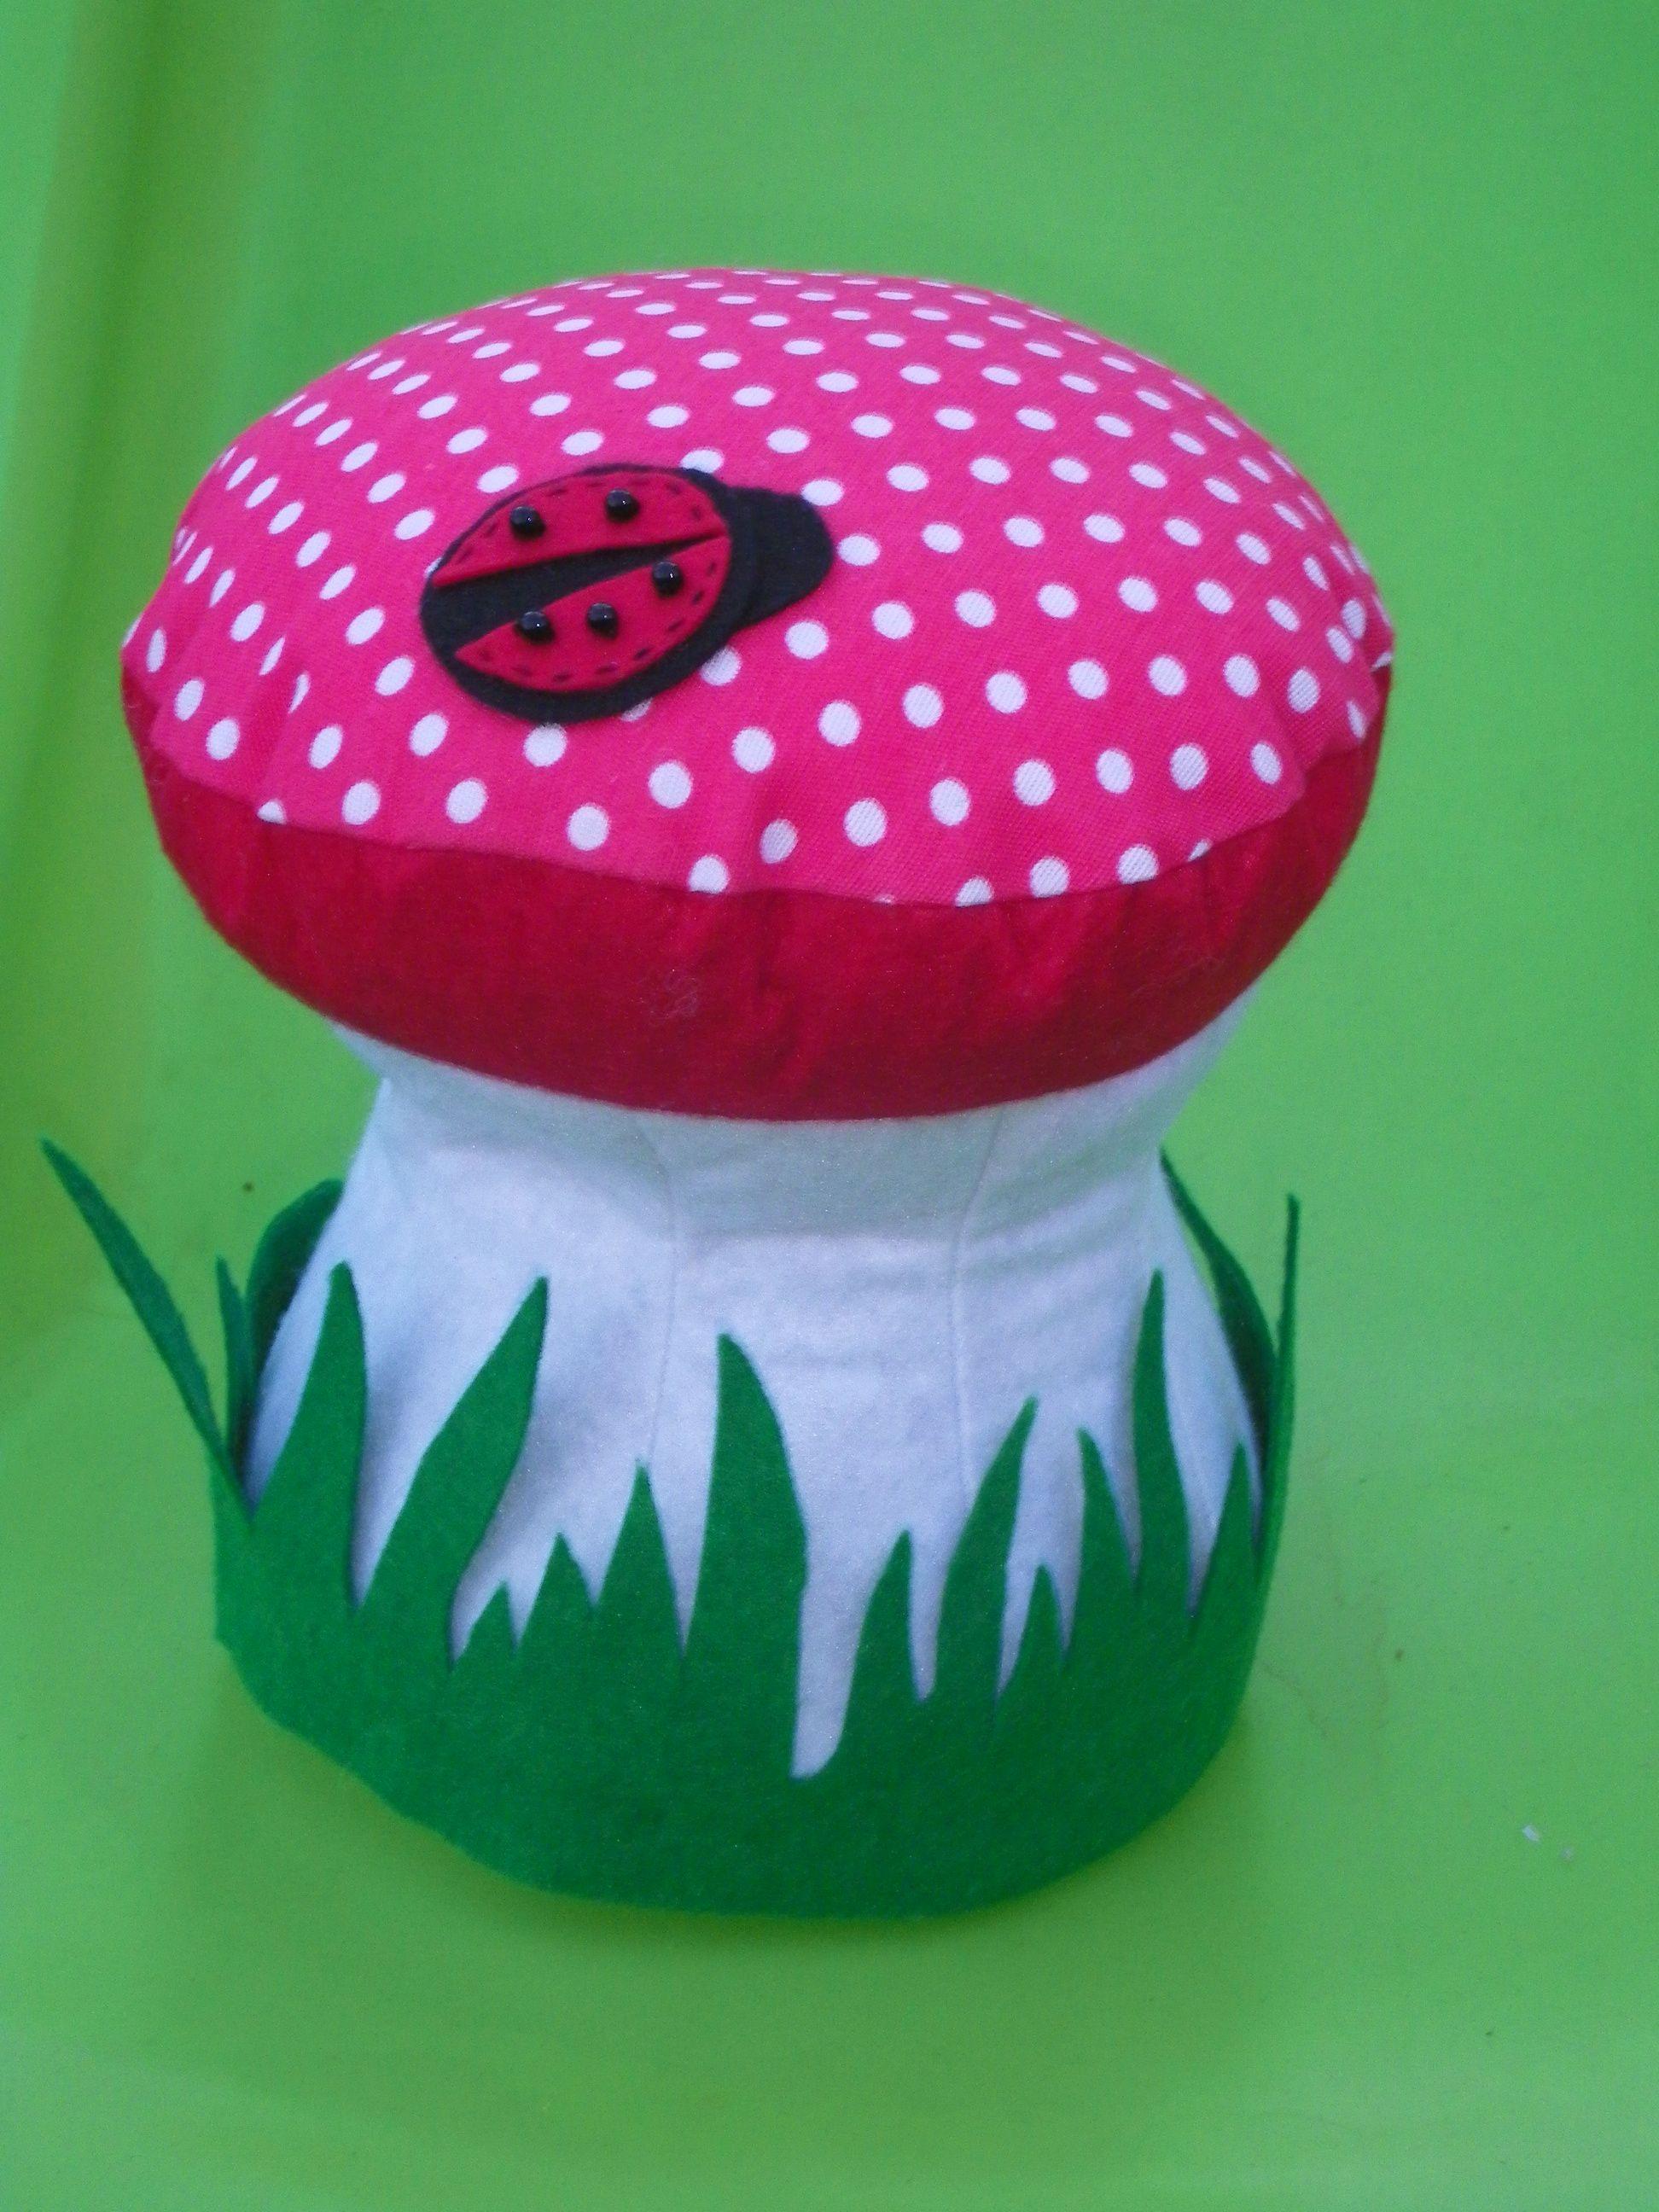 fungo fermaporte realizzato a mano con feltro,stoffa e perline